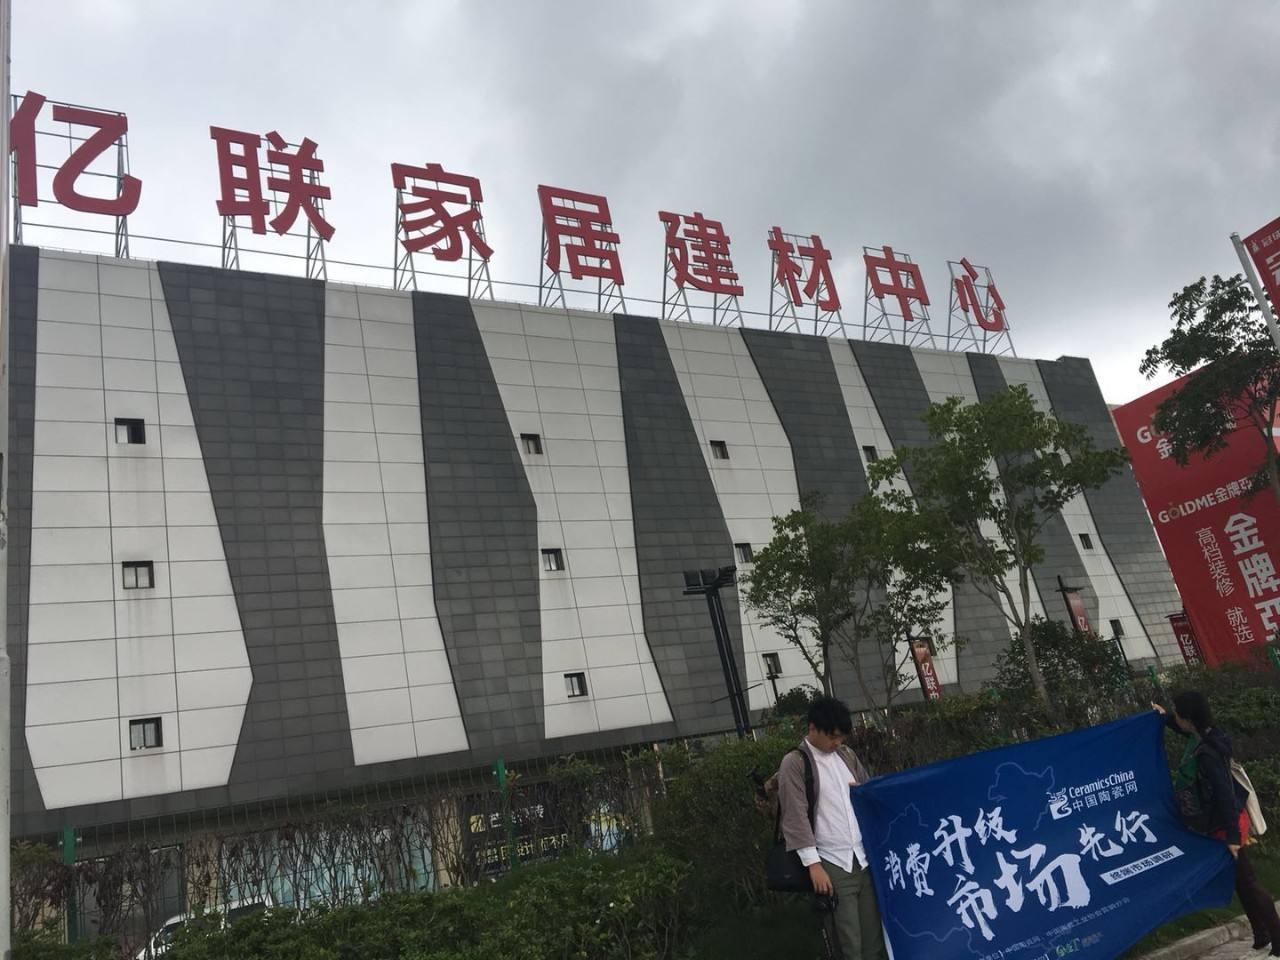 上海2019年最大的建材市场怎么样#-亚博体育app苹果下载口碑网